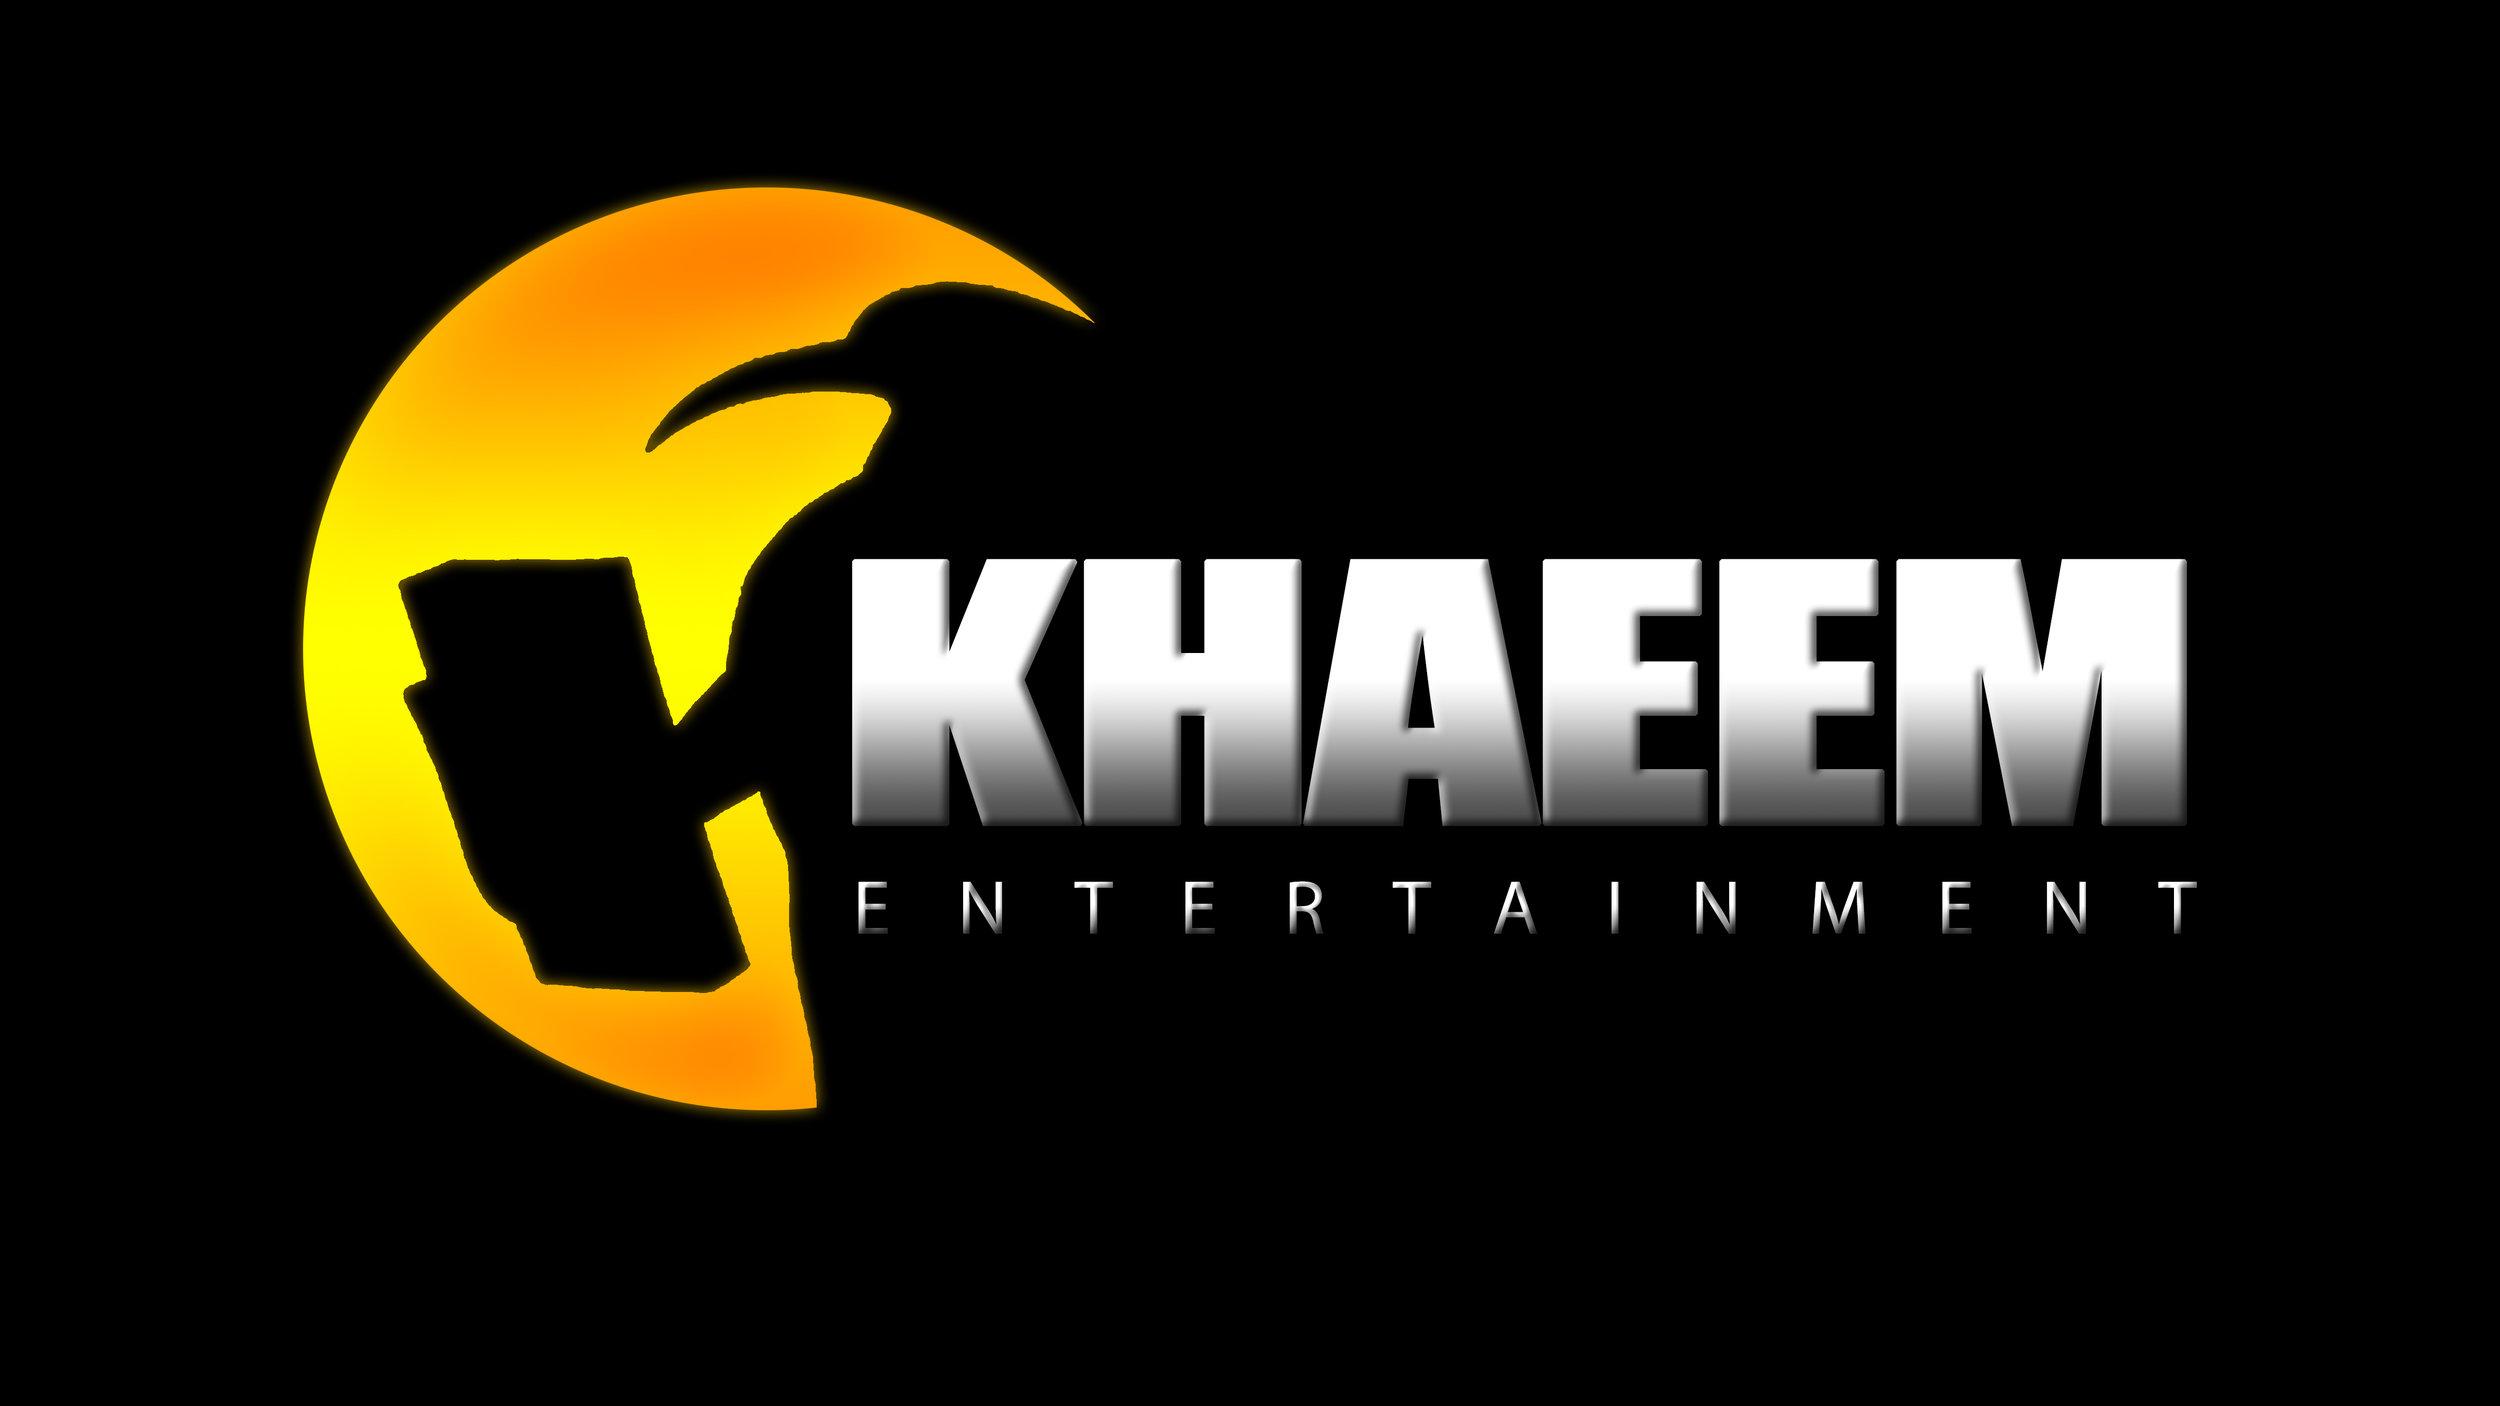 KHAEEM ENT logo 2.jpg